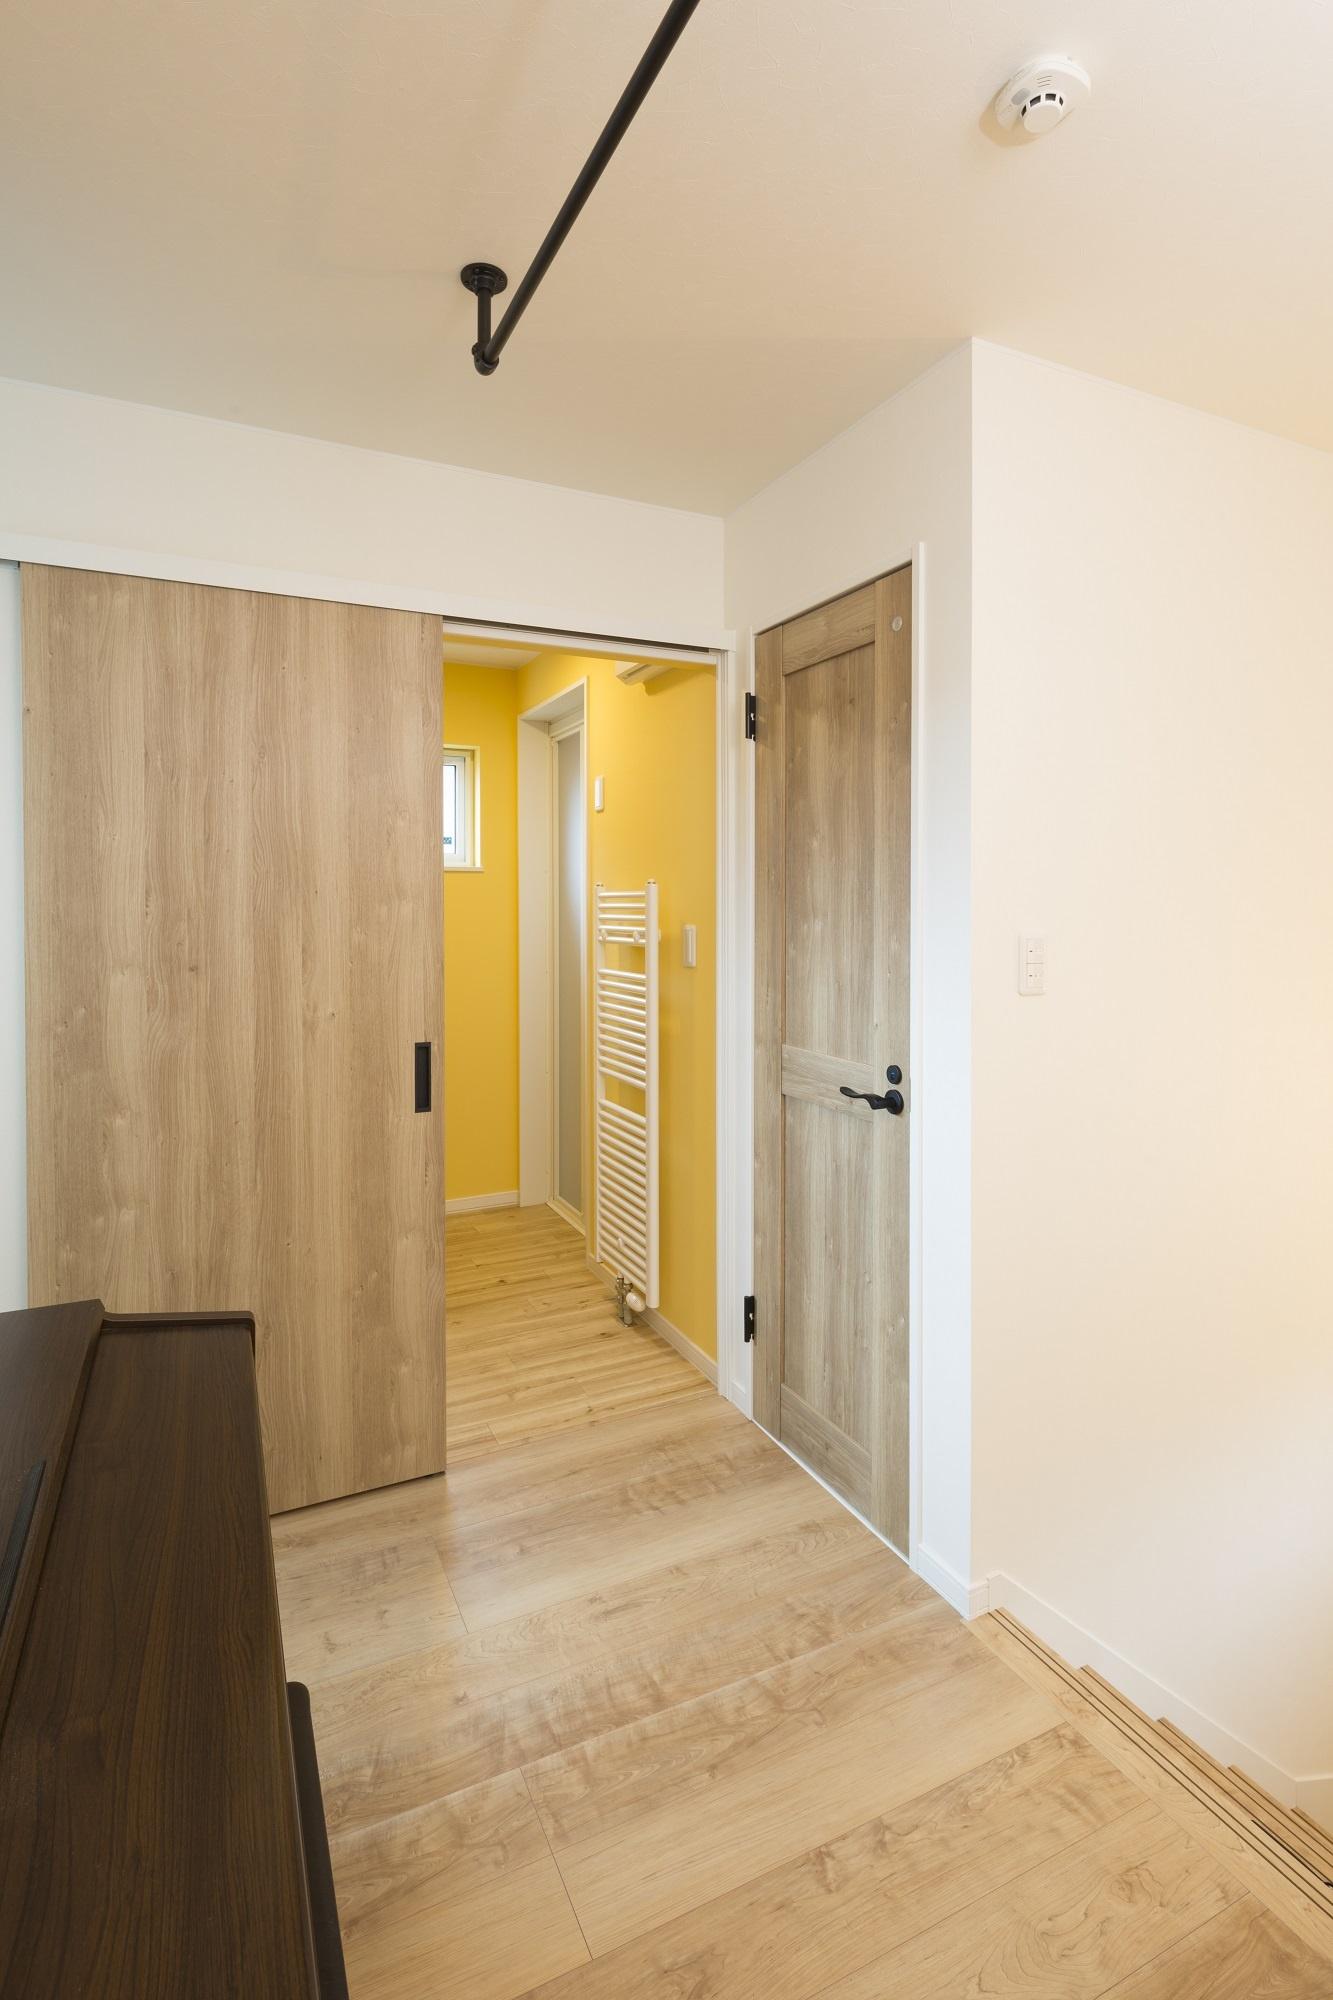 元気が出るビタミンカラーの壁の脱衣室と浴室は2階に配置。ホールには洗濯物が干せるようにポールも設置